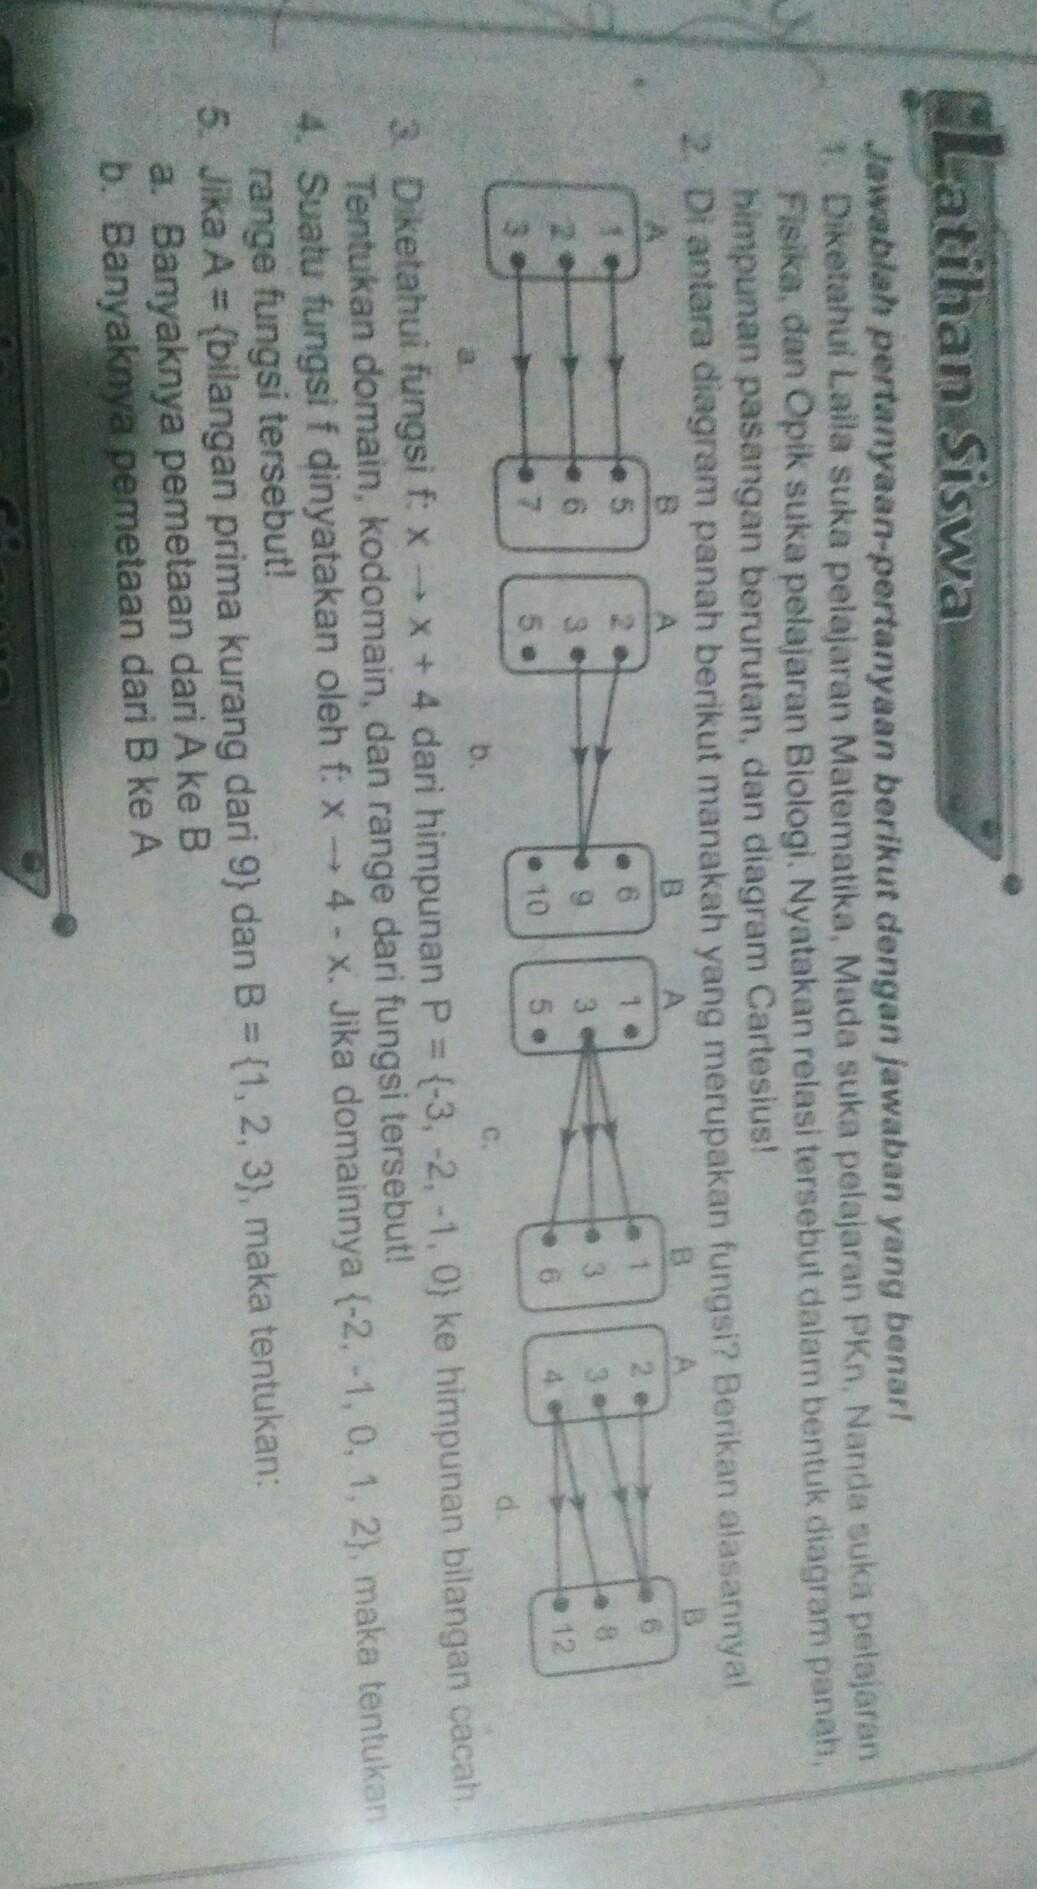 Diantara diagram panah berikut manakah yang merupakan fungsi diantara diagram panah berikut manakah yang merupakan fungsi berikan alasanya ccuart Images